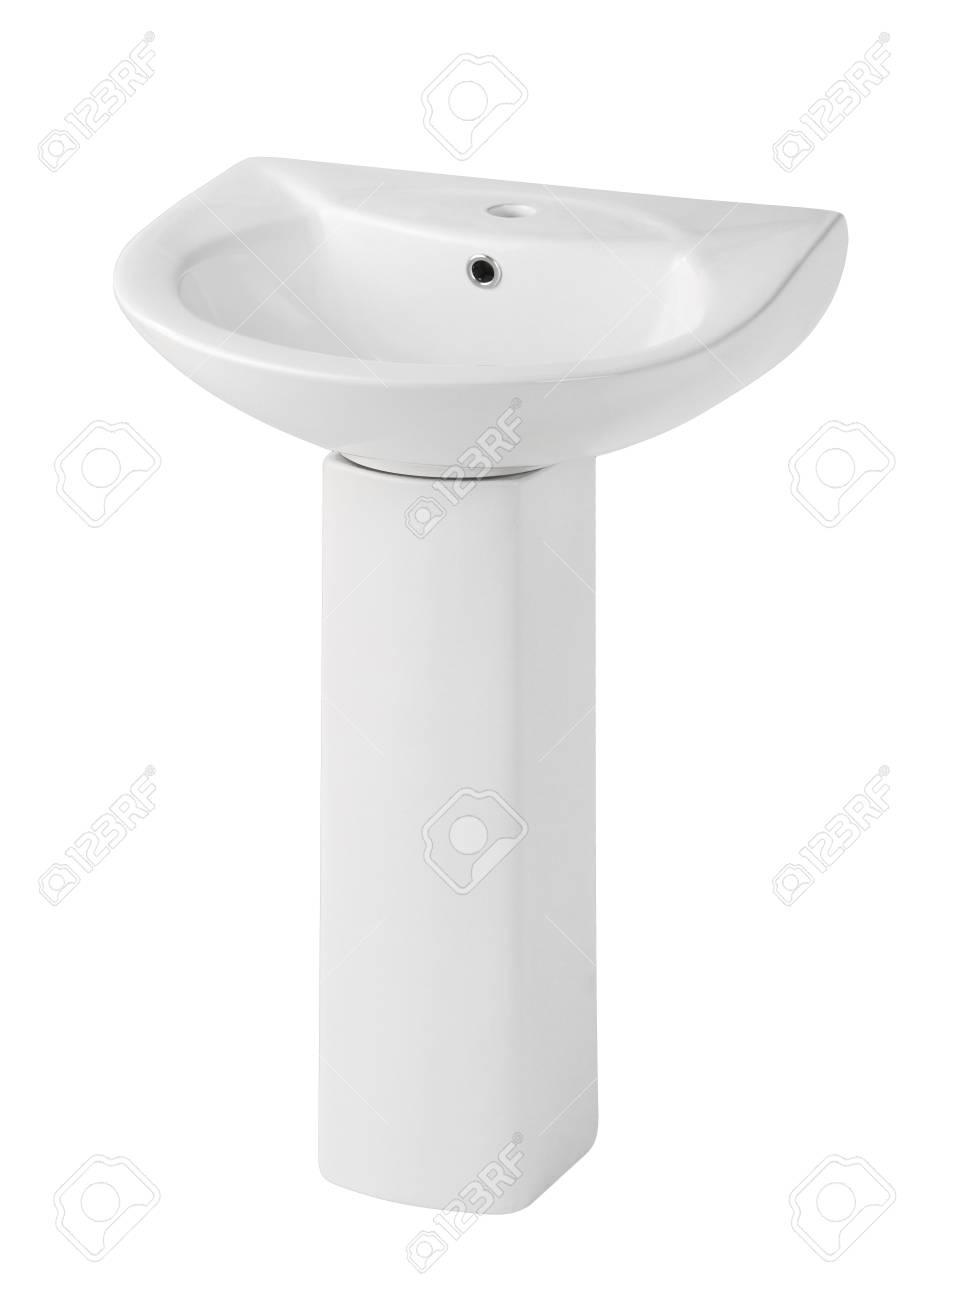 Beautiful design of the washbasin isolated Stock Photo - 18154706